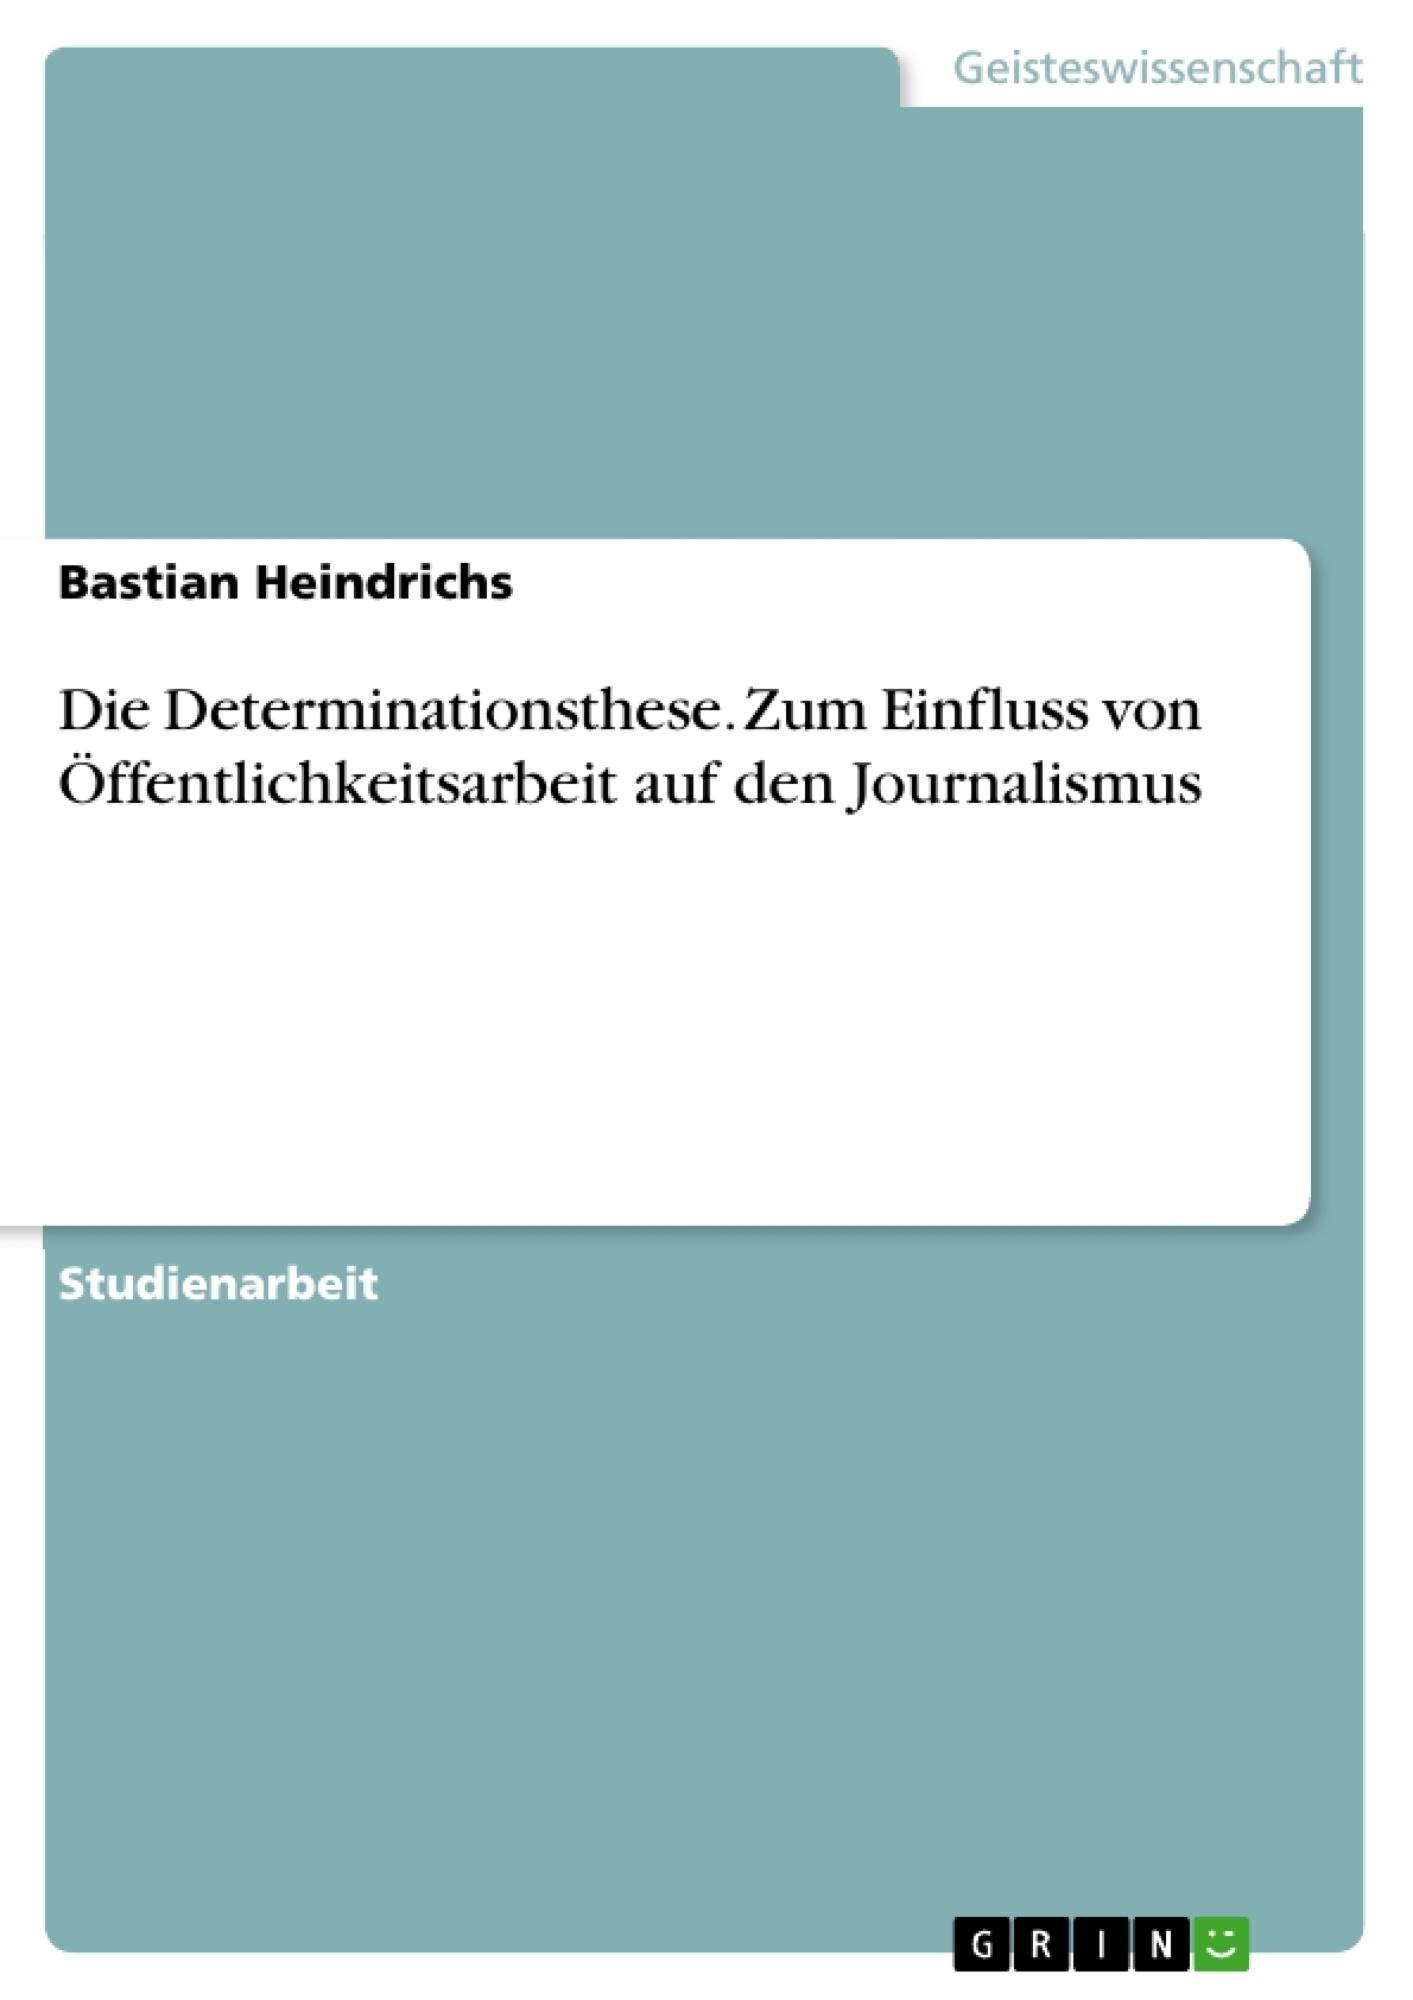 Titel: Die Determinationsthese. Zum Einfluss von Öffentlichkeitsarbeit auf den Journalismus